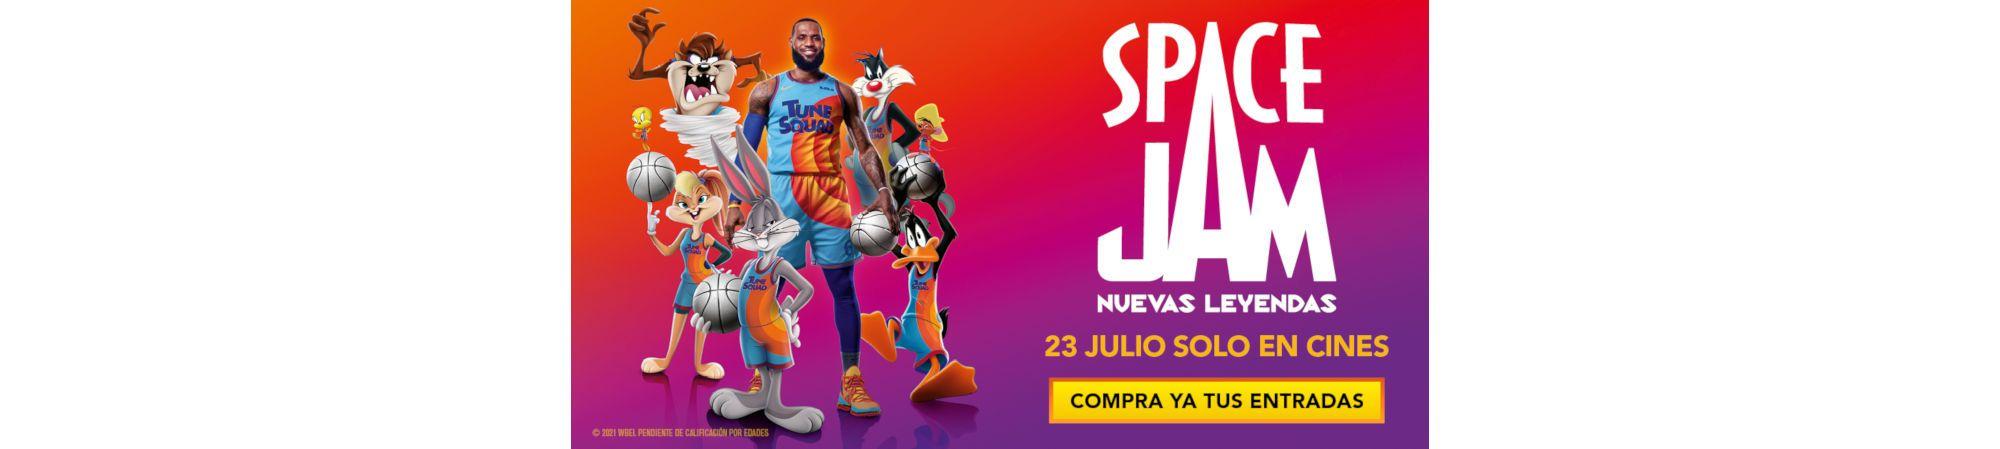 SPACE JAM Nuevas Leyendas (Banner Superior)